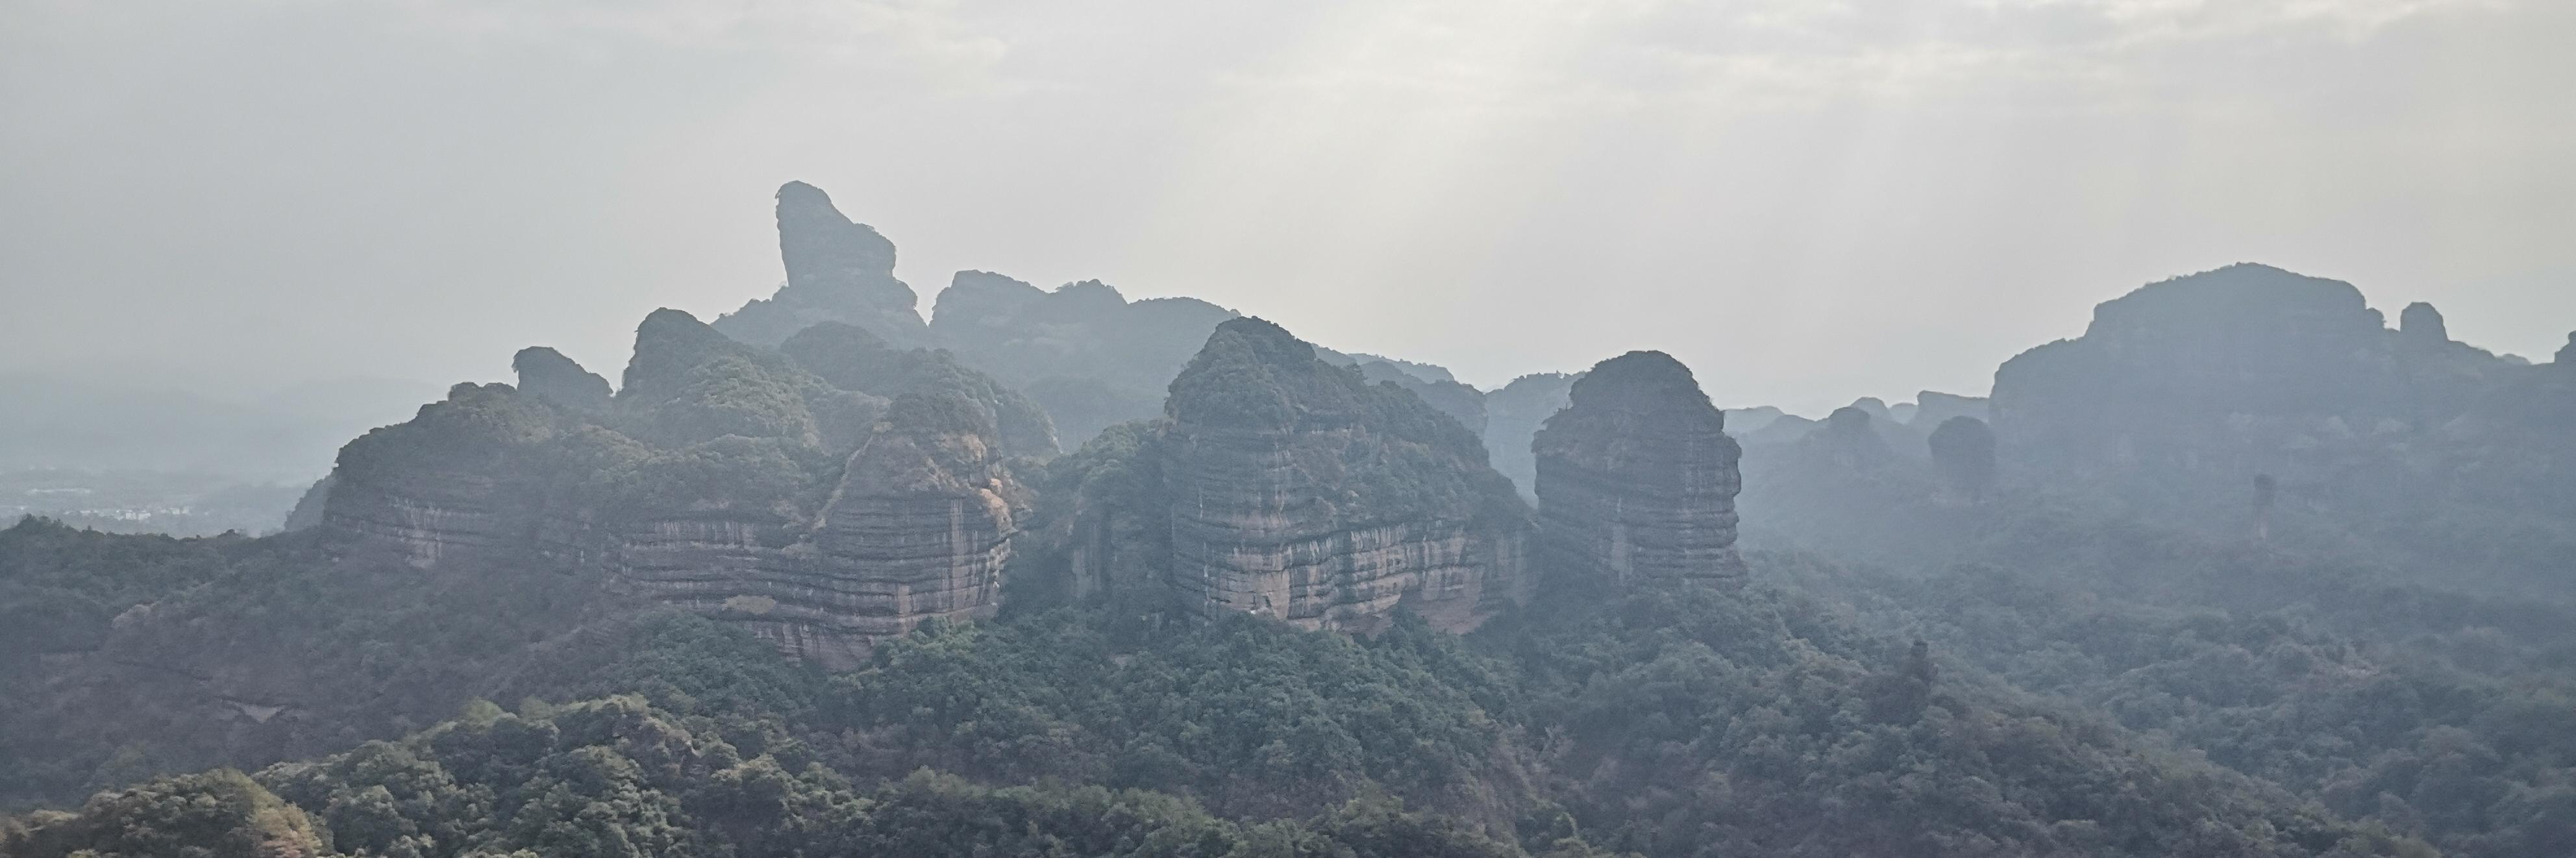 丹霞山地质公园流水账2